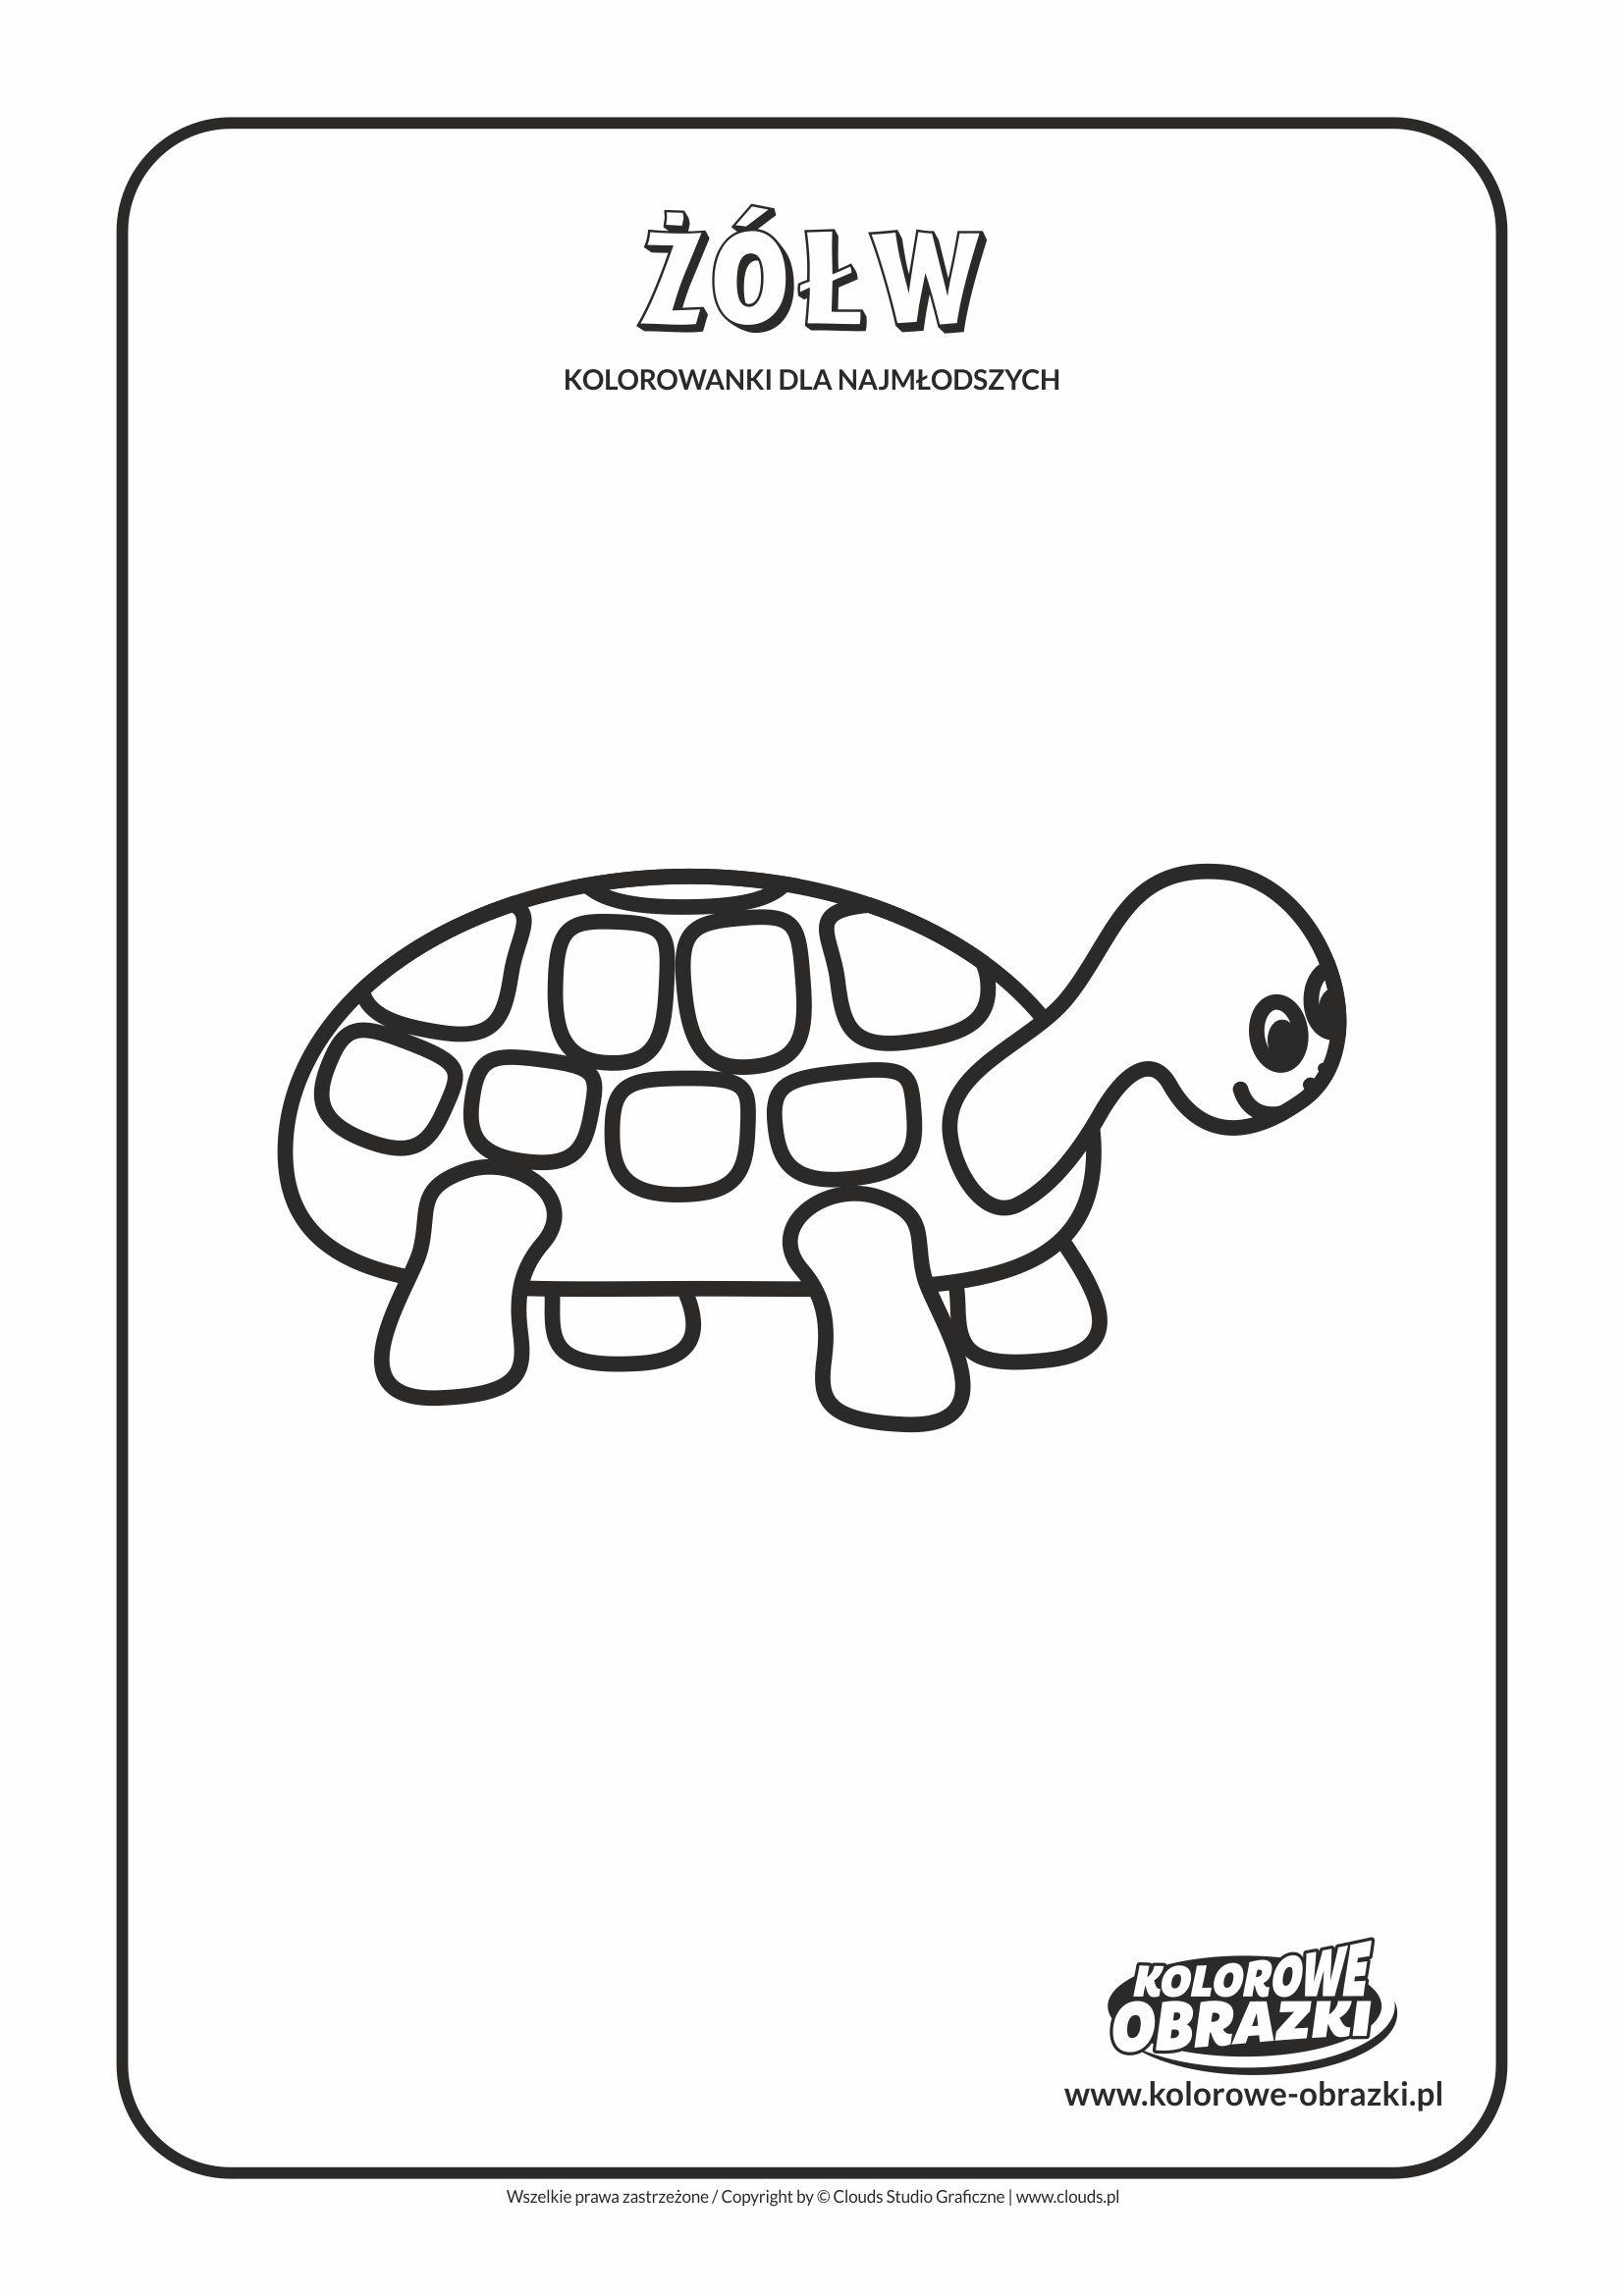 Proste kolorowanki dla najmłodszych - Zwierzęta / Żółw. Kolorowanka z żółwiem